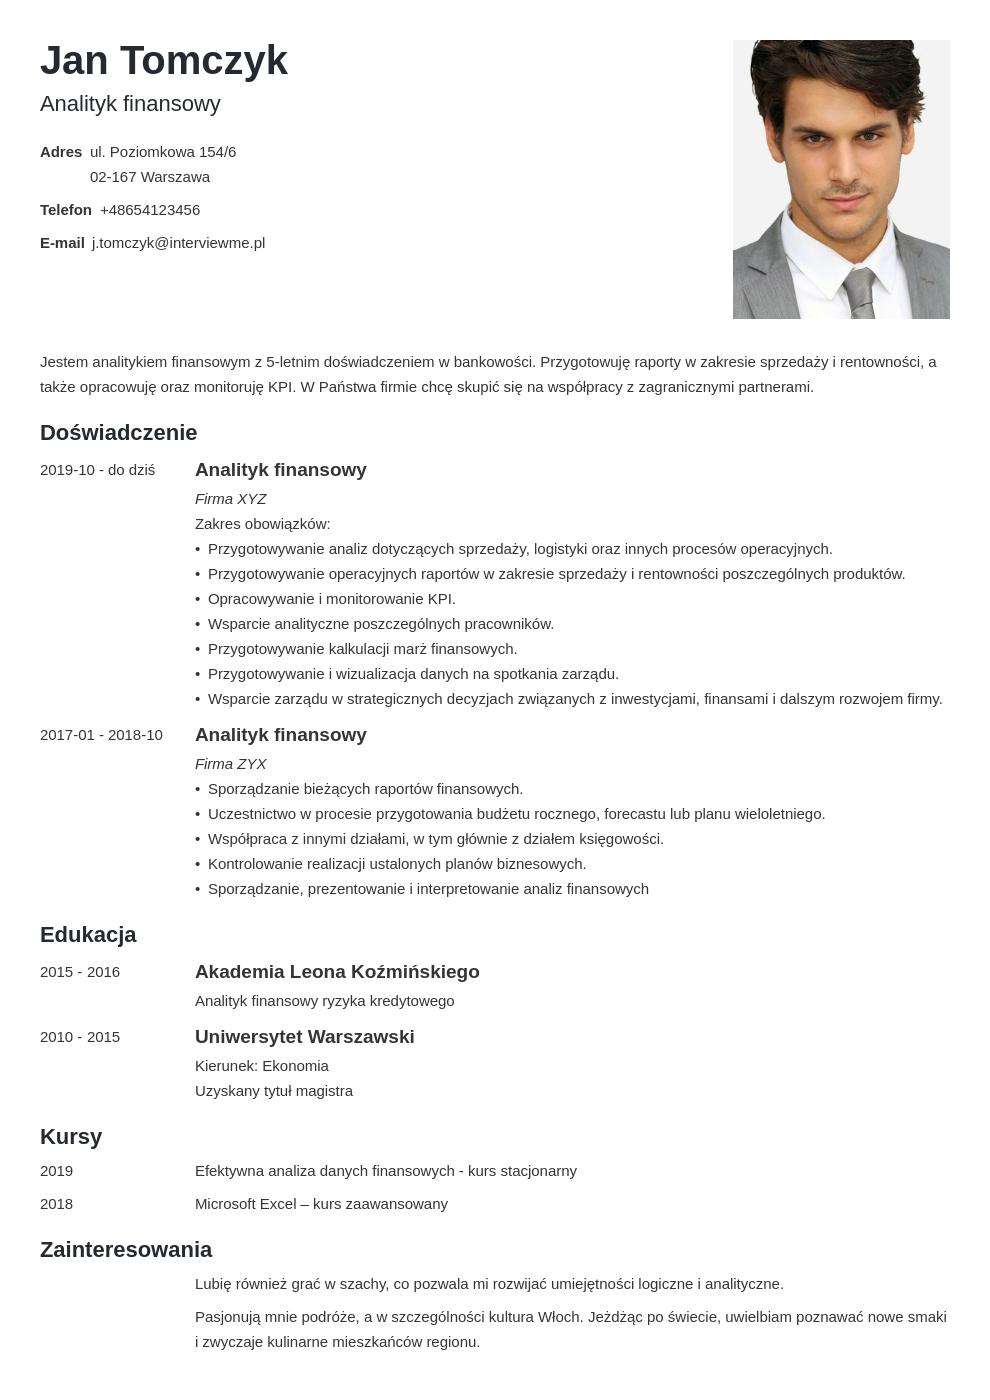 idealne cv dla specjalisty i managera template minimo